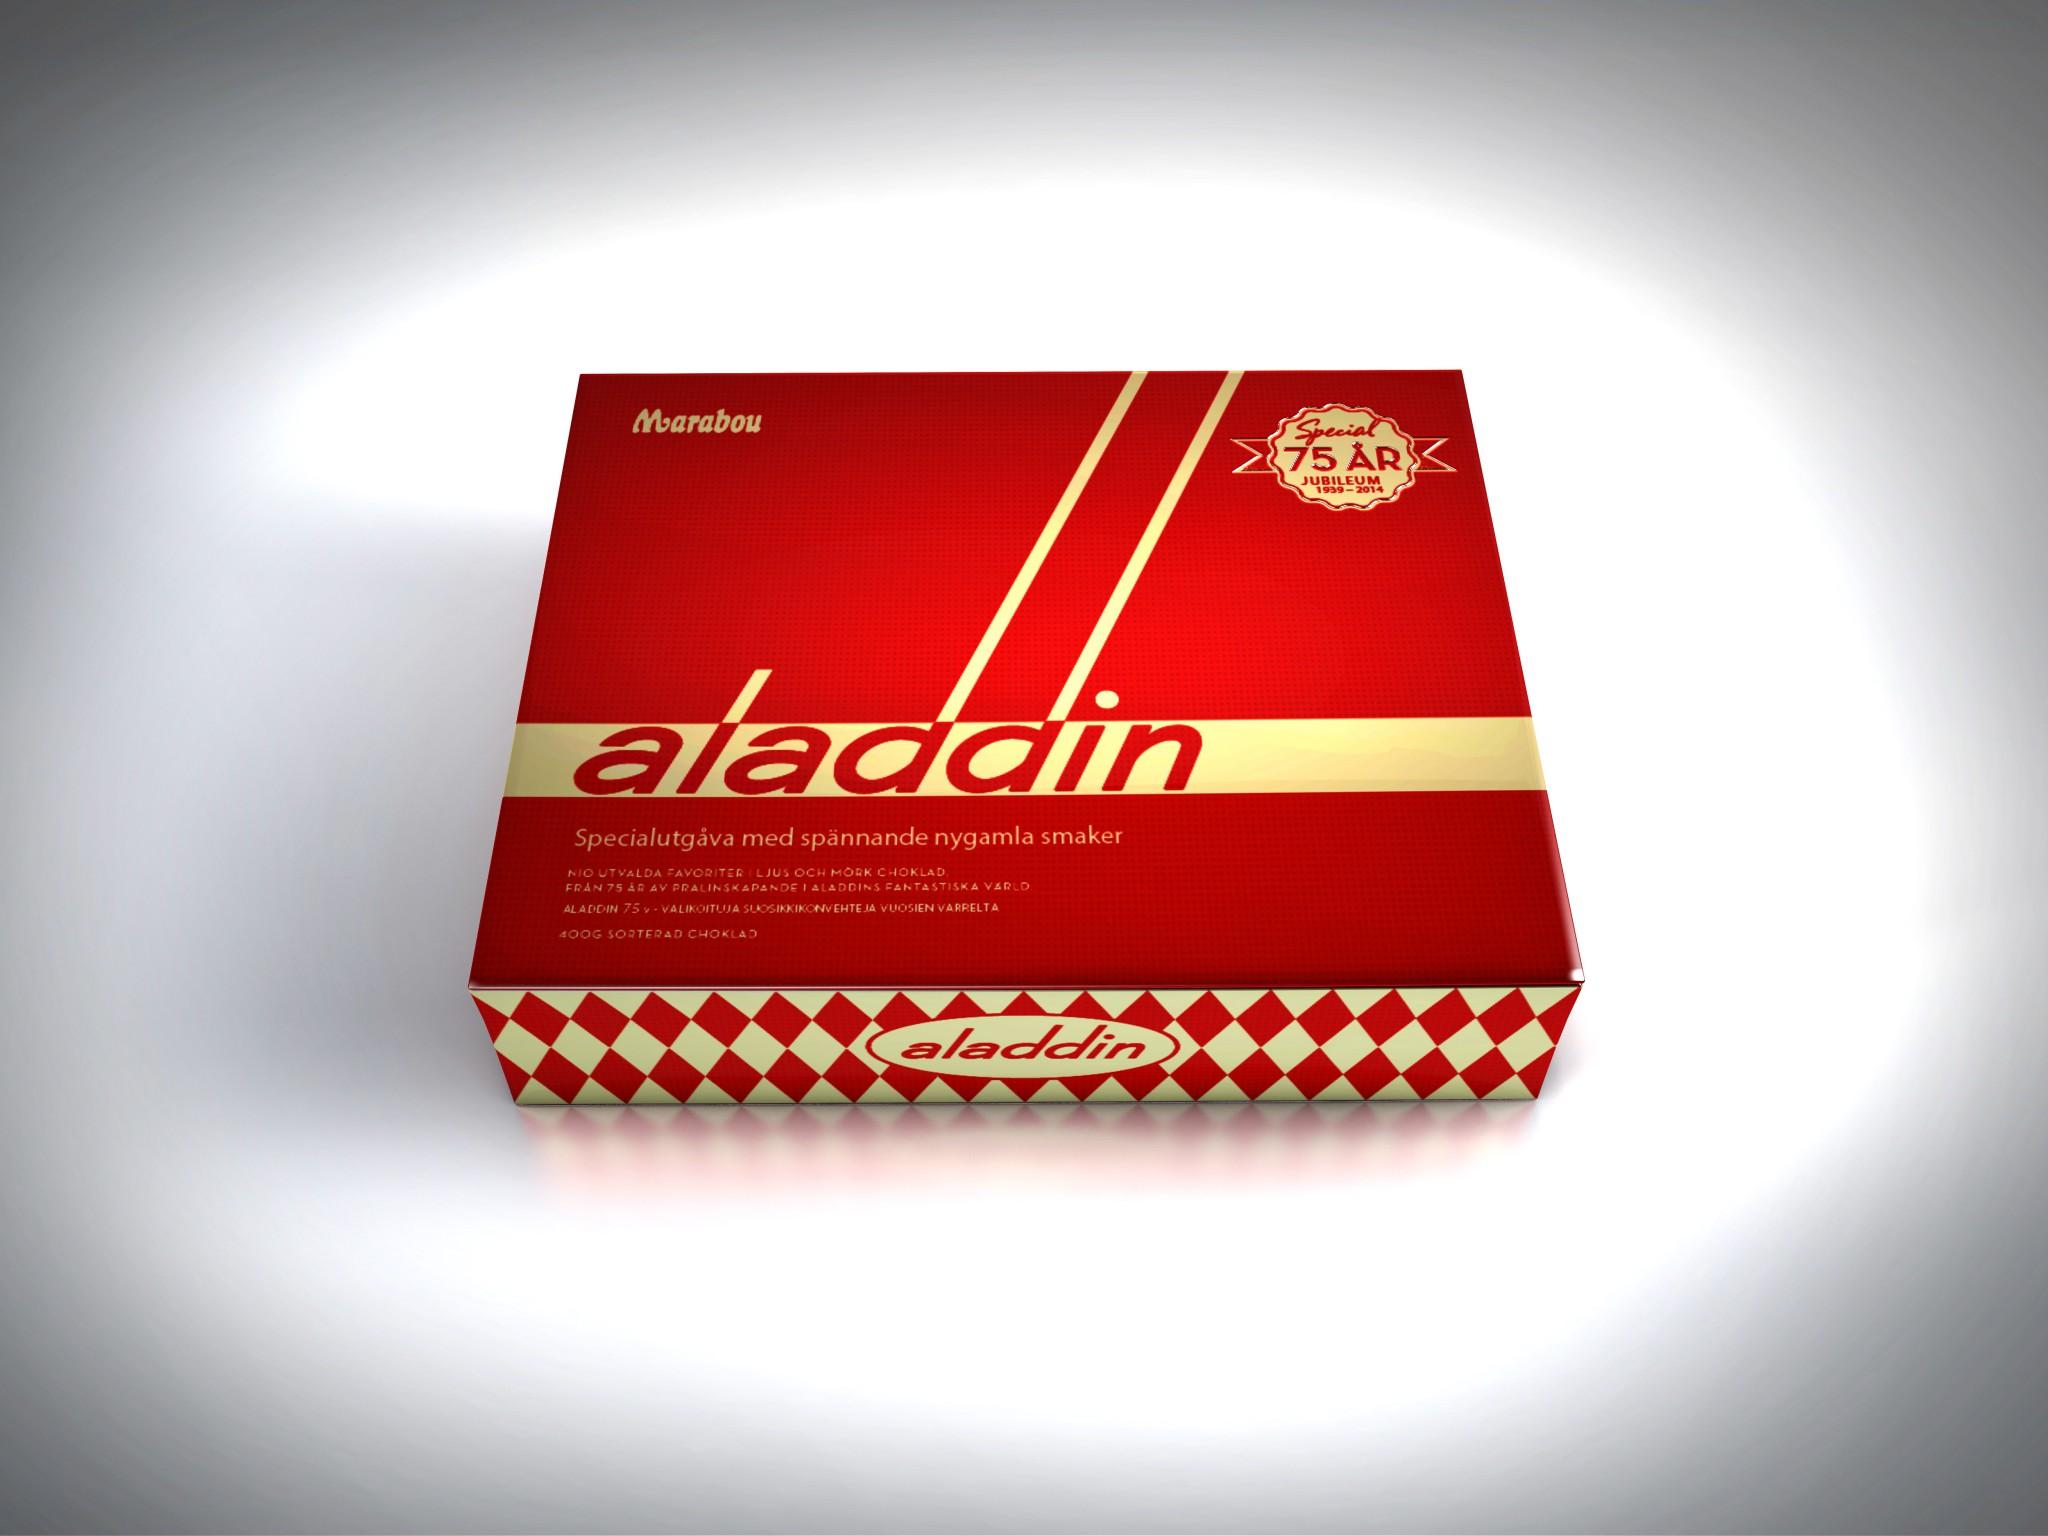 marabou choklad aladdin